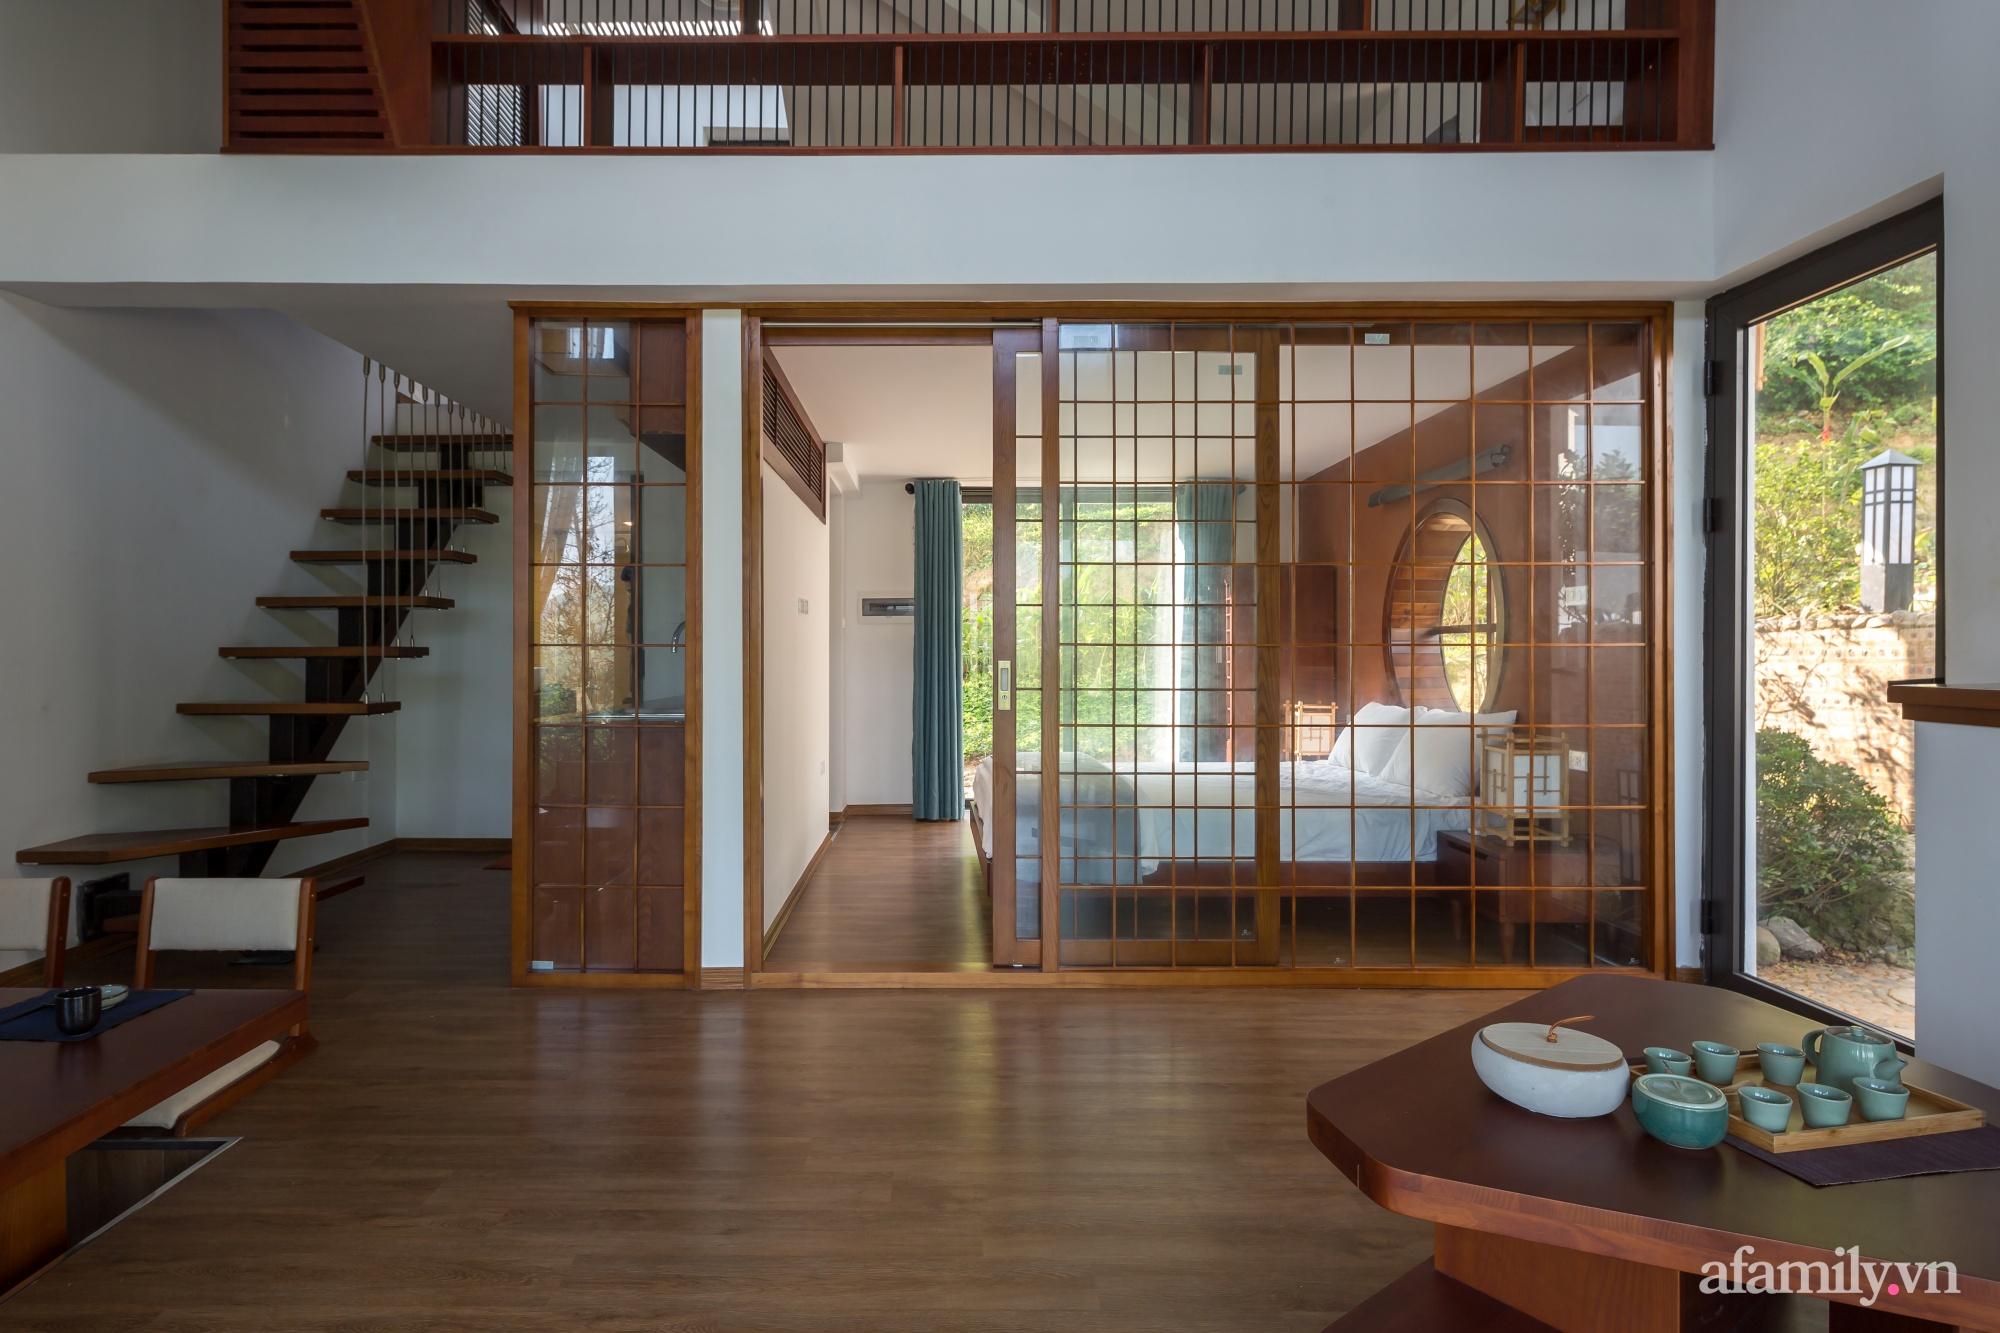 Nhà trên đồi lộng gió thoáng rộng thảnh thơi đón nắng ngập tràn ở Kỳ Sơn, Hòa Bình - Ảnh 11.